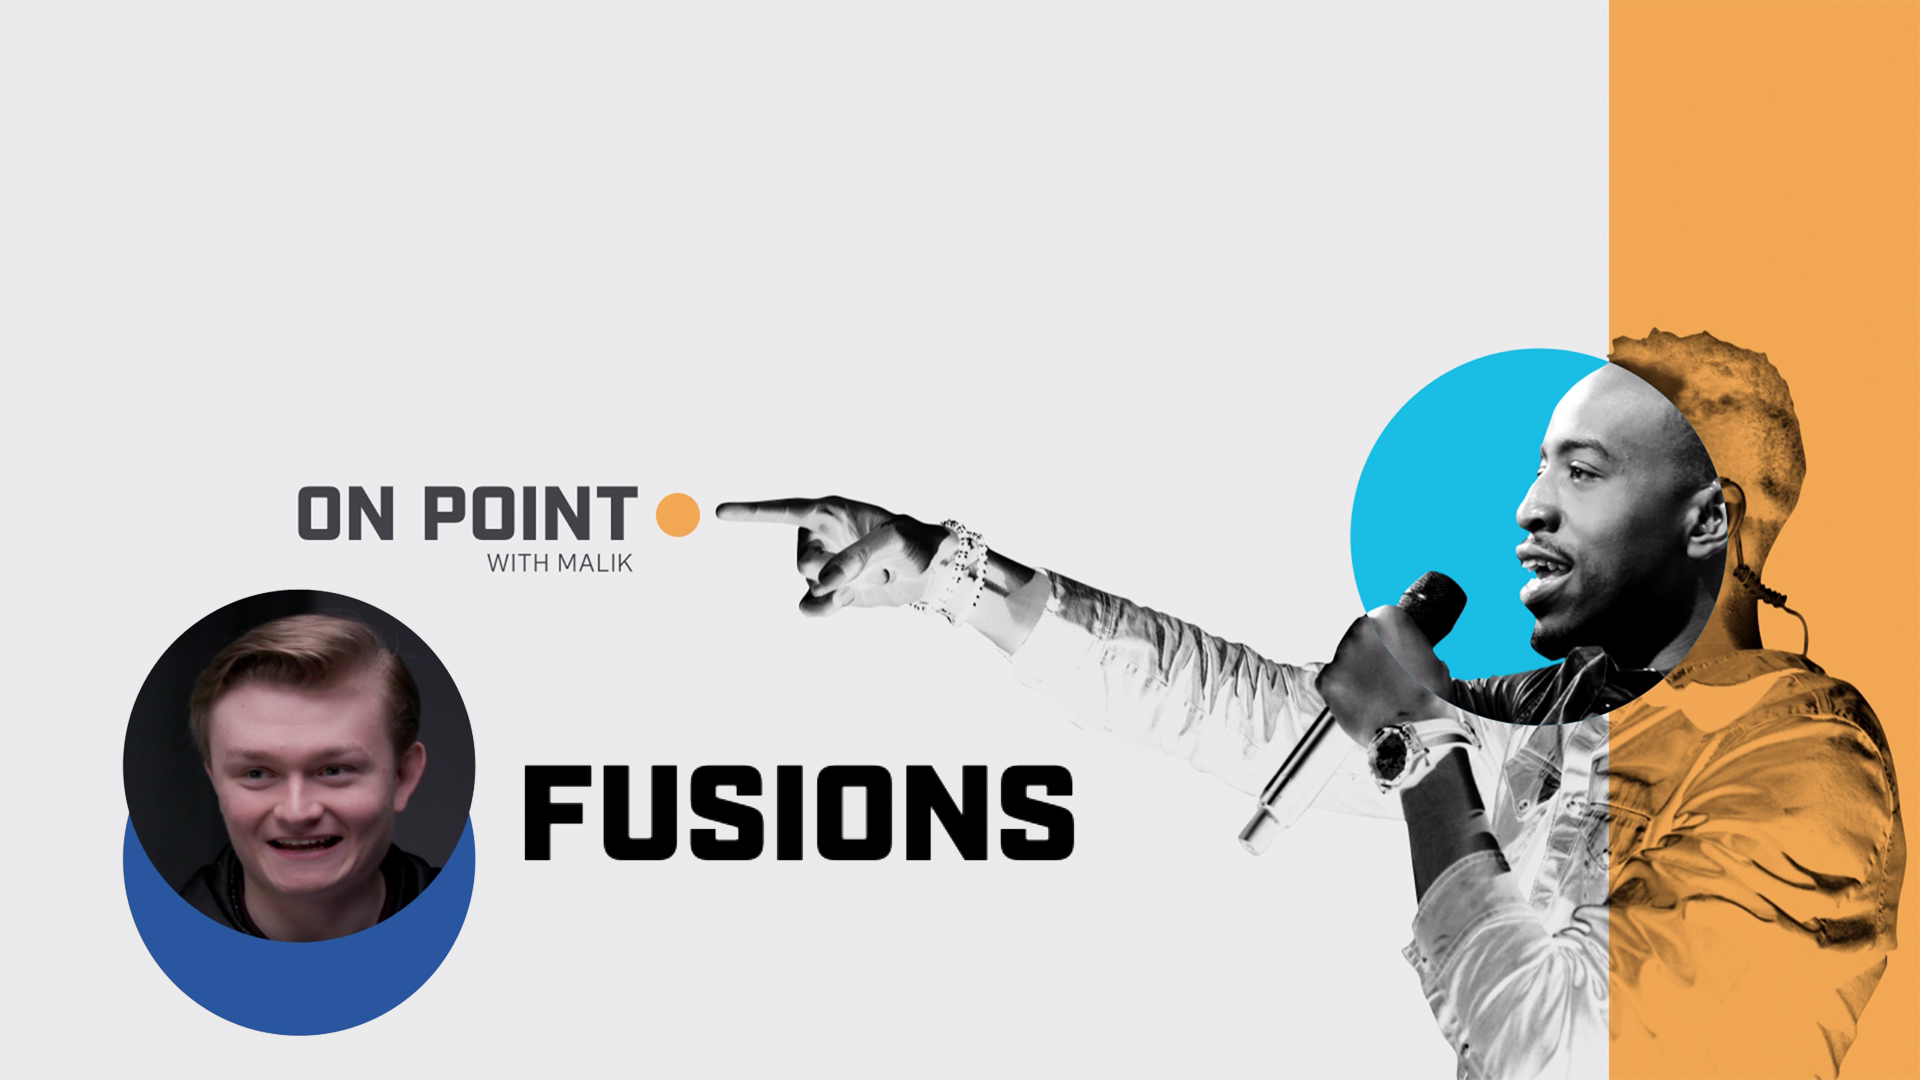 对话Malik:Fusion